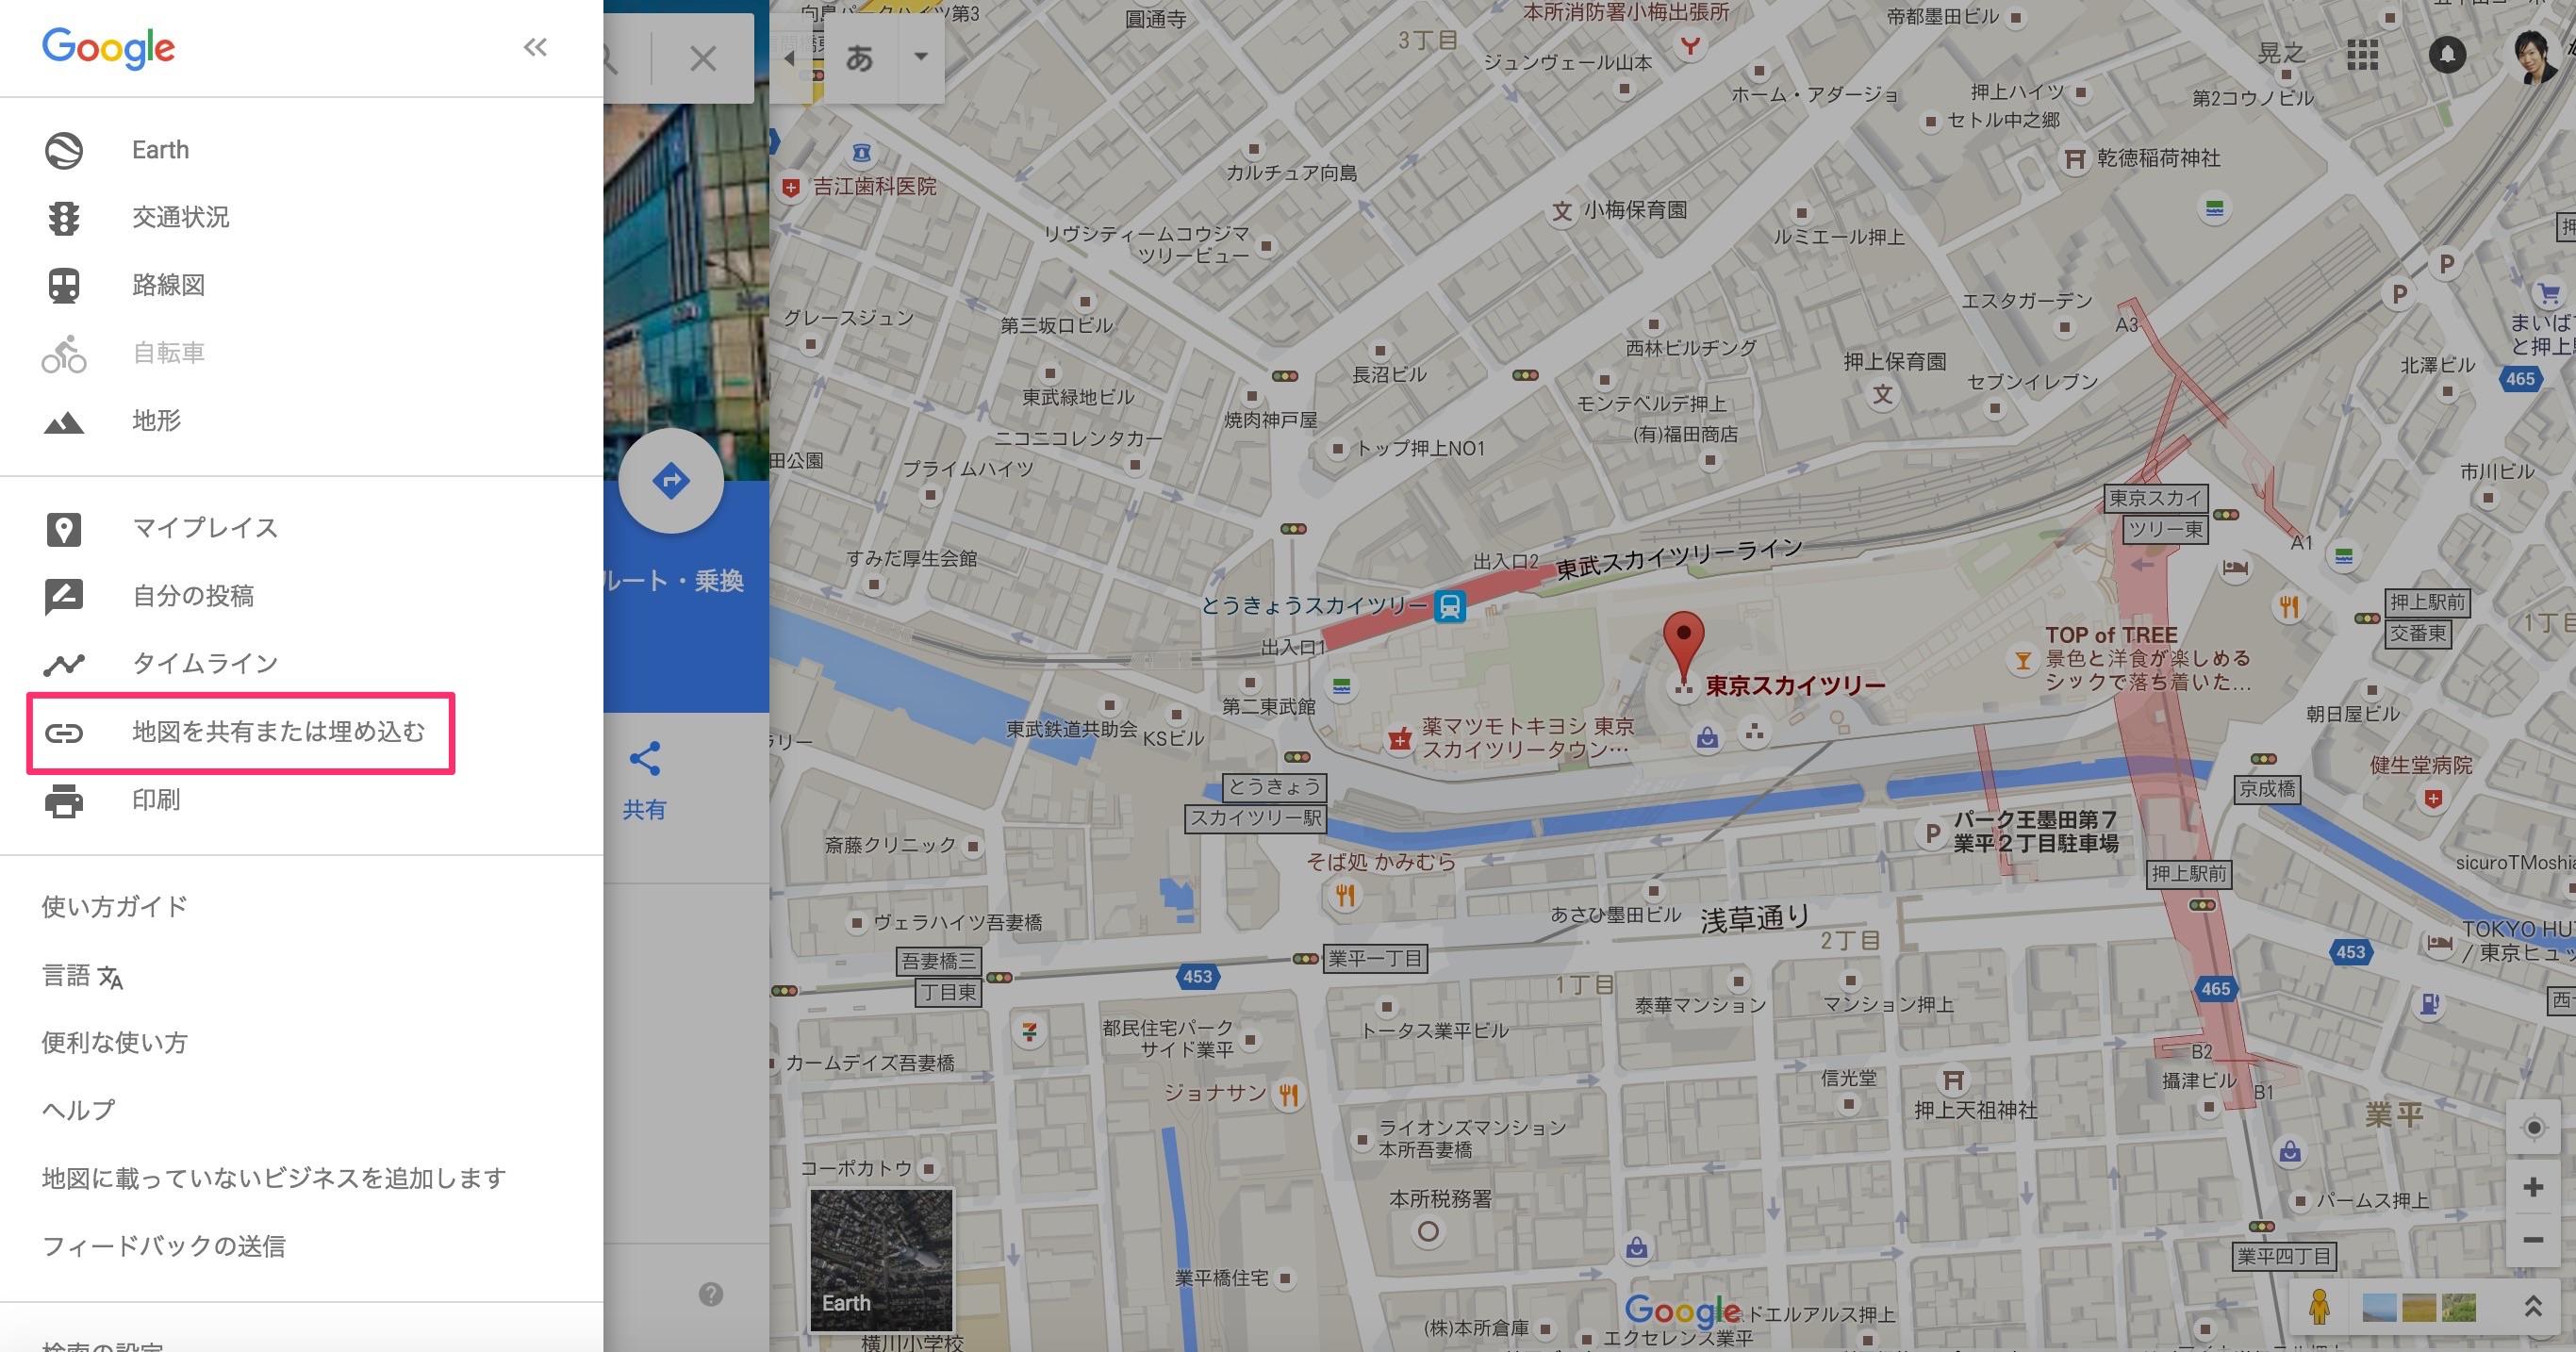 googlemap 埋め込み方法1